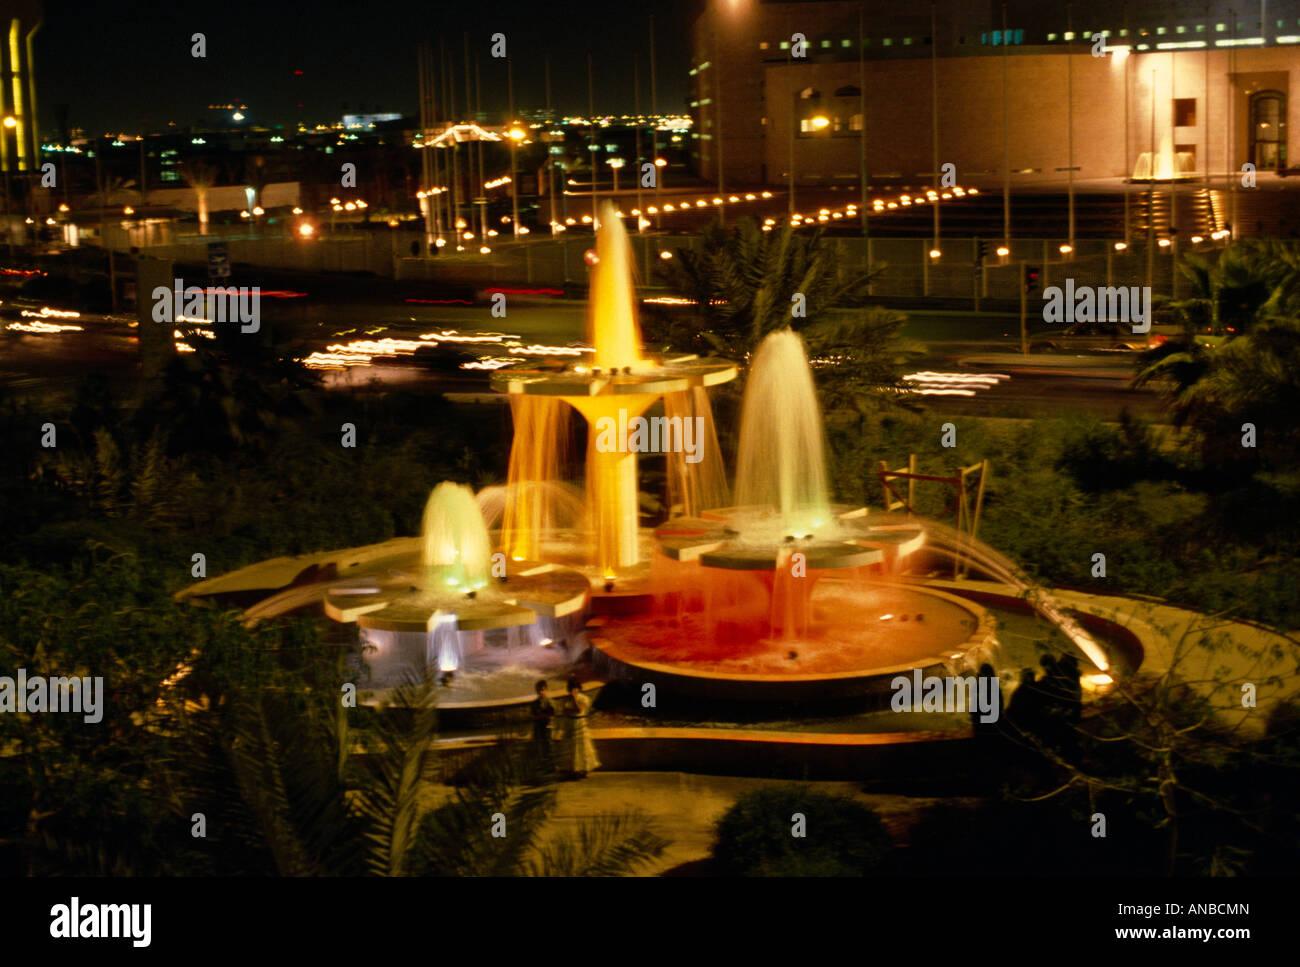 Riad, Arabia Saudita Fuentes de noche Imagen De Stock